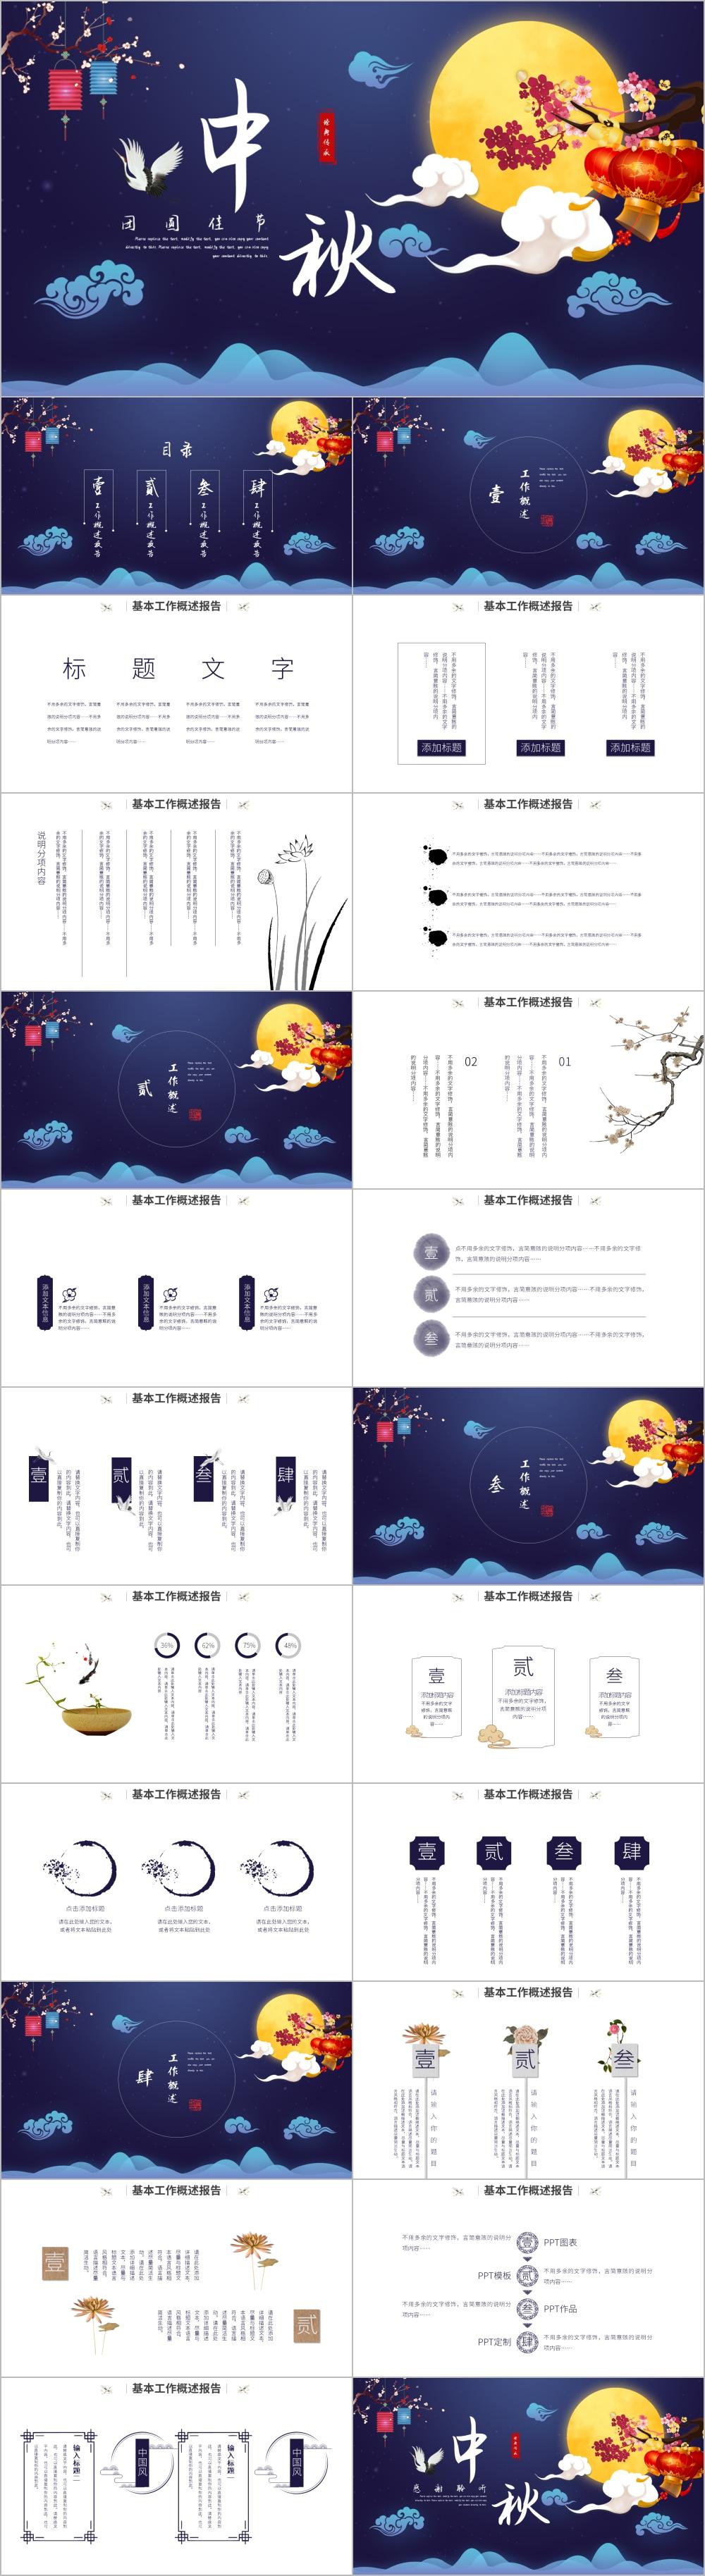 古韵古风传统节日团圆节中秋节PPT模板